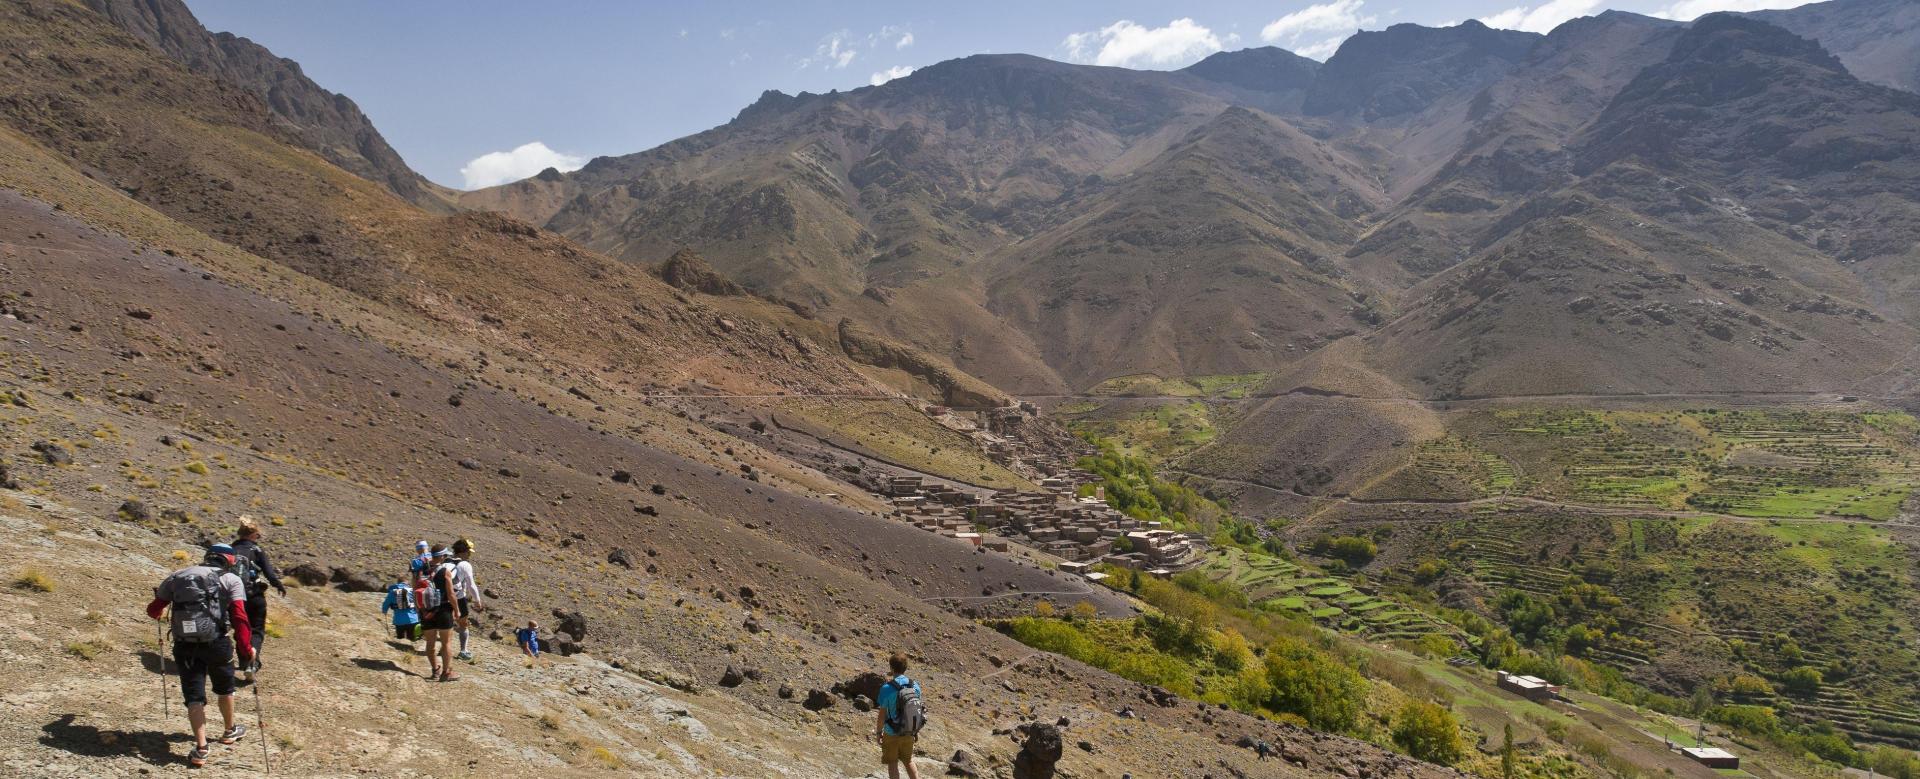 Voyage à pied : Maroc : Villages et vallées du toubkal